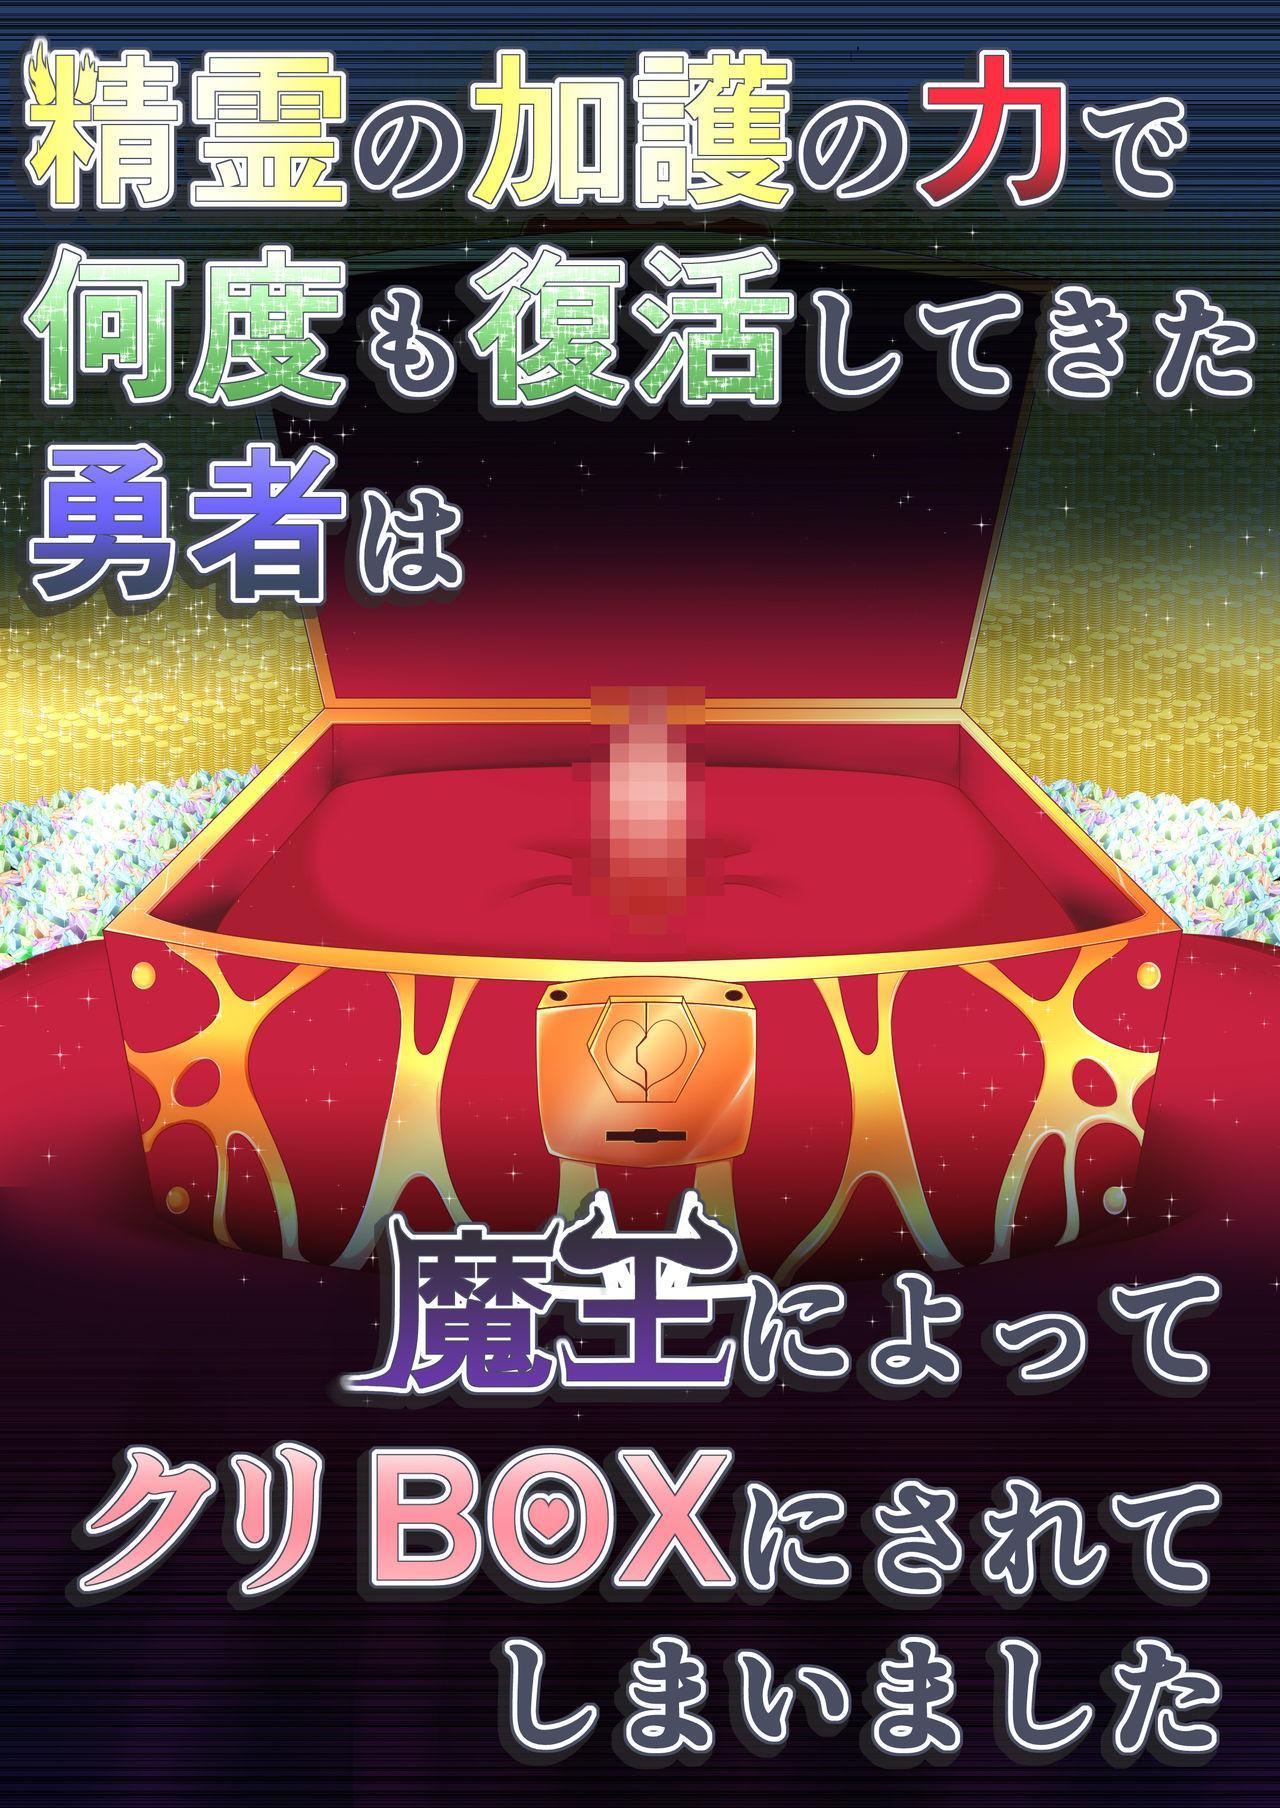 Seirei no Kago no Chikara de nan do mo Fukkatsu shite kita Yūsha wa Maō ni yotte KuriBOX ni sarete shimaimashita 1